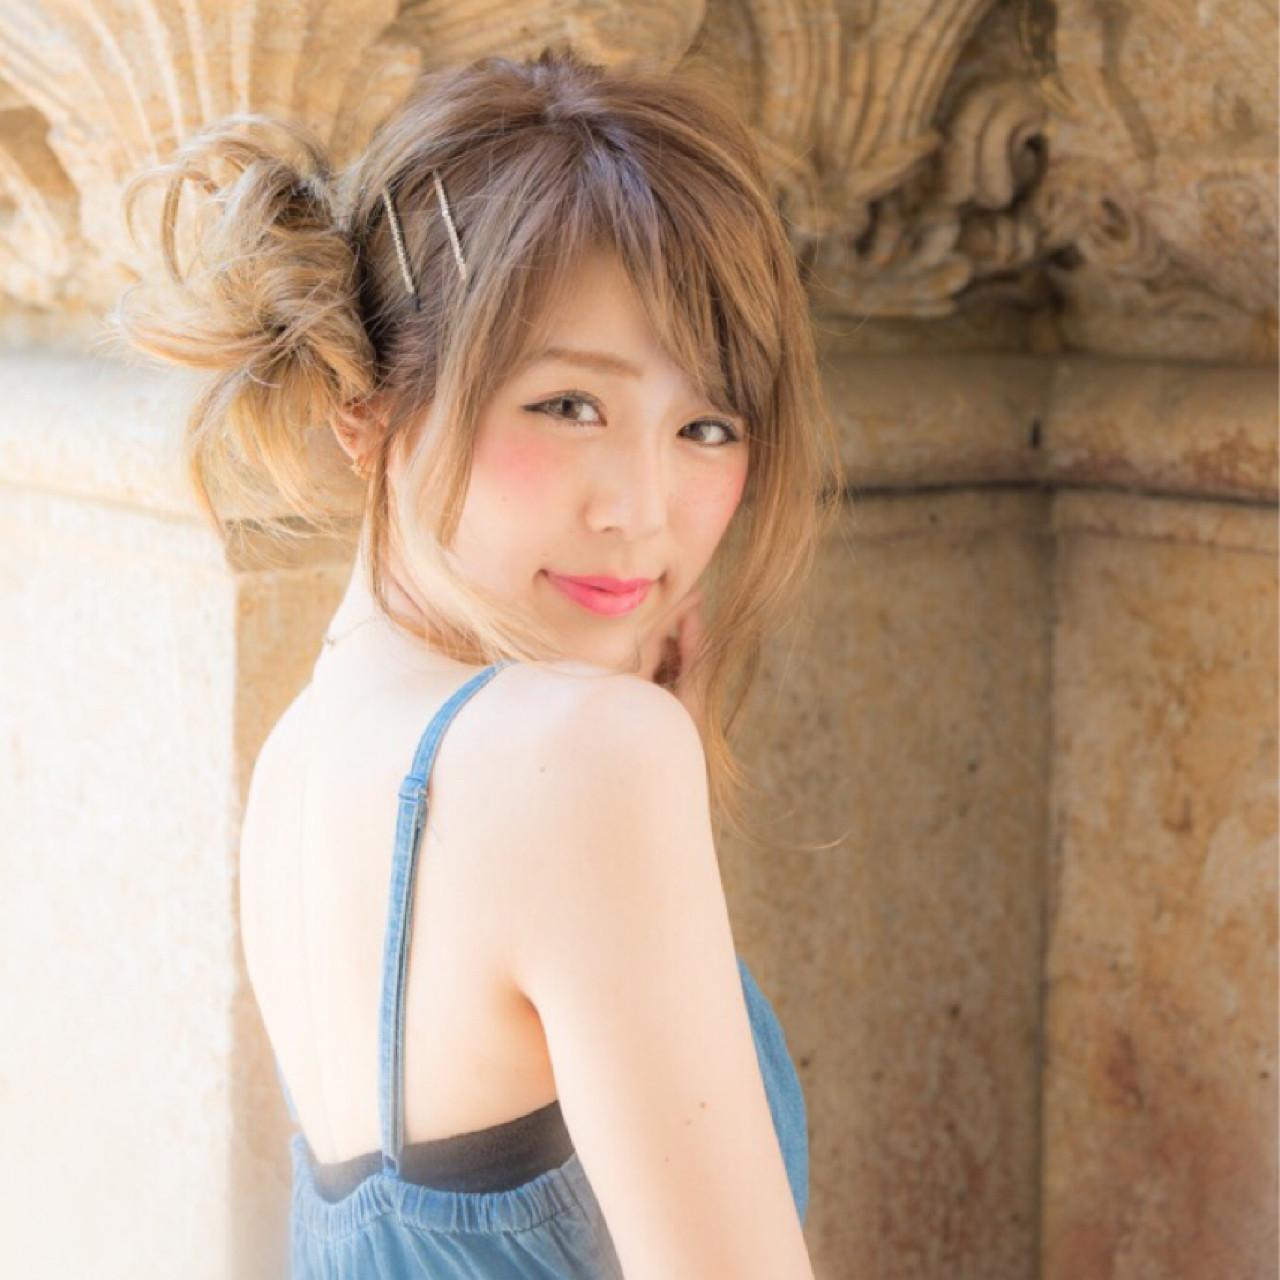 セミロング ヘアアレンジ 上品 サイドアップ ヘアスタイルや髪型の写真・画像